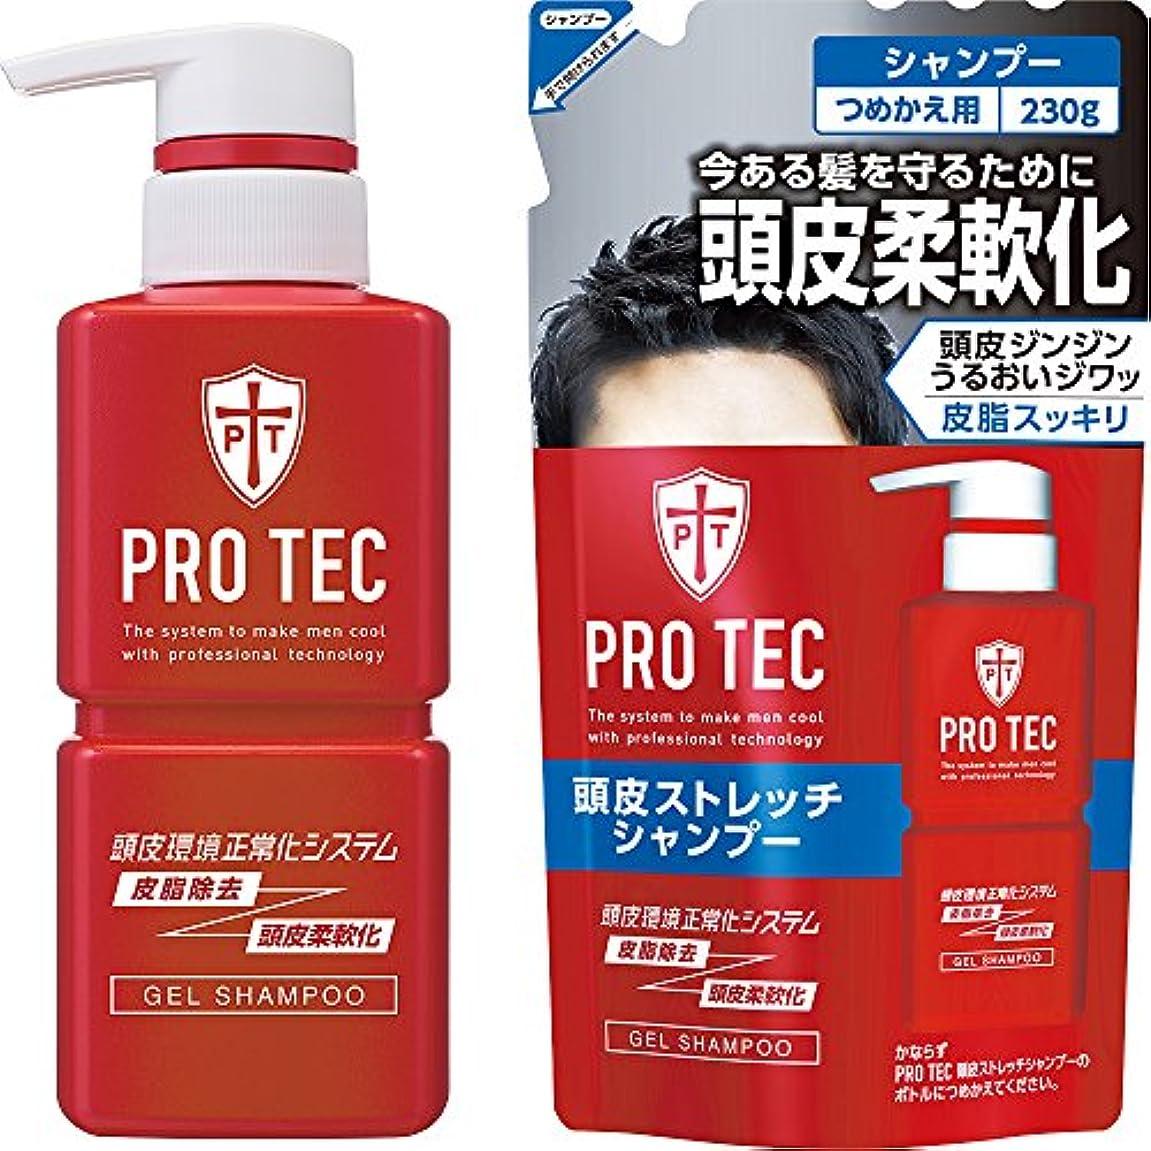 露骨なランチョン付与PRO TEC(プロテク) 頭皮ストレッチシャンプー 本体ポンプ300g+詰め替え230g セット(医薬部外品)